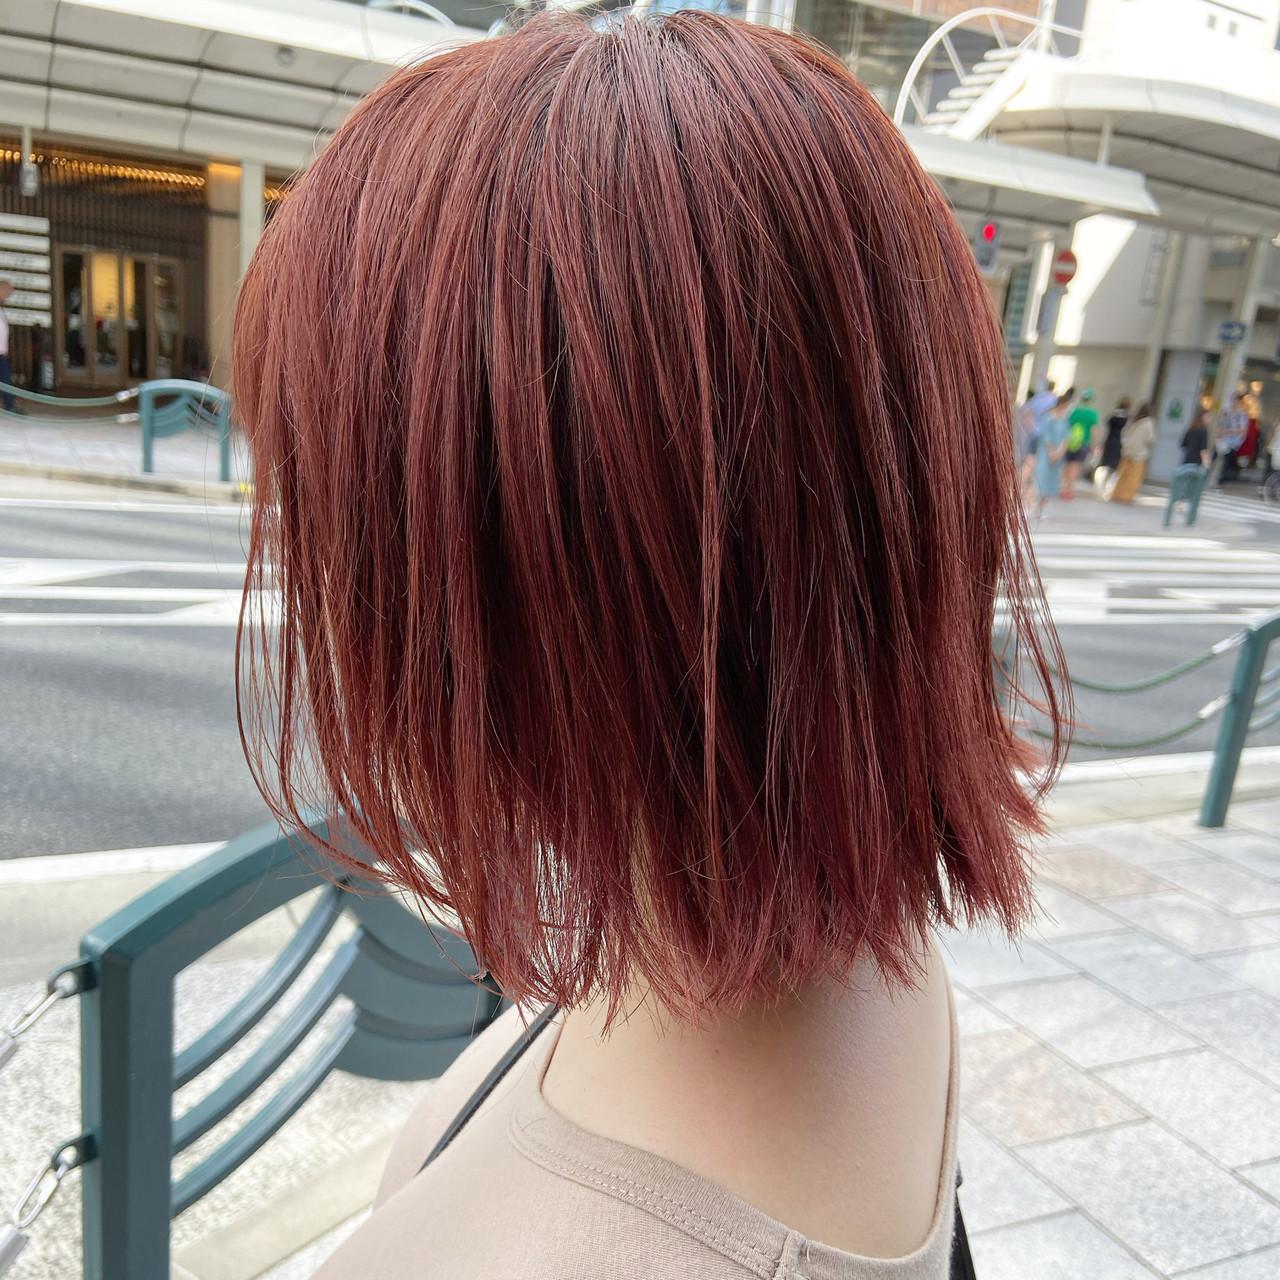 レッドカラー レッド チェリーレッド ミディアム ヘアスタイルや髪型の写真・画像